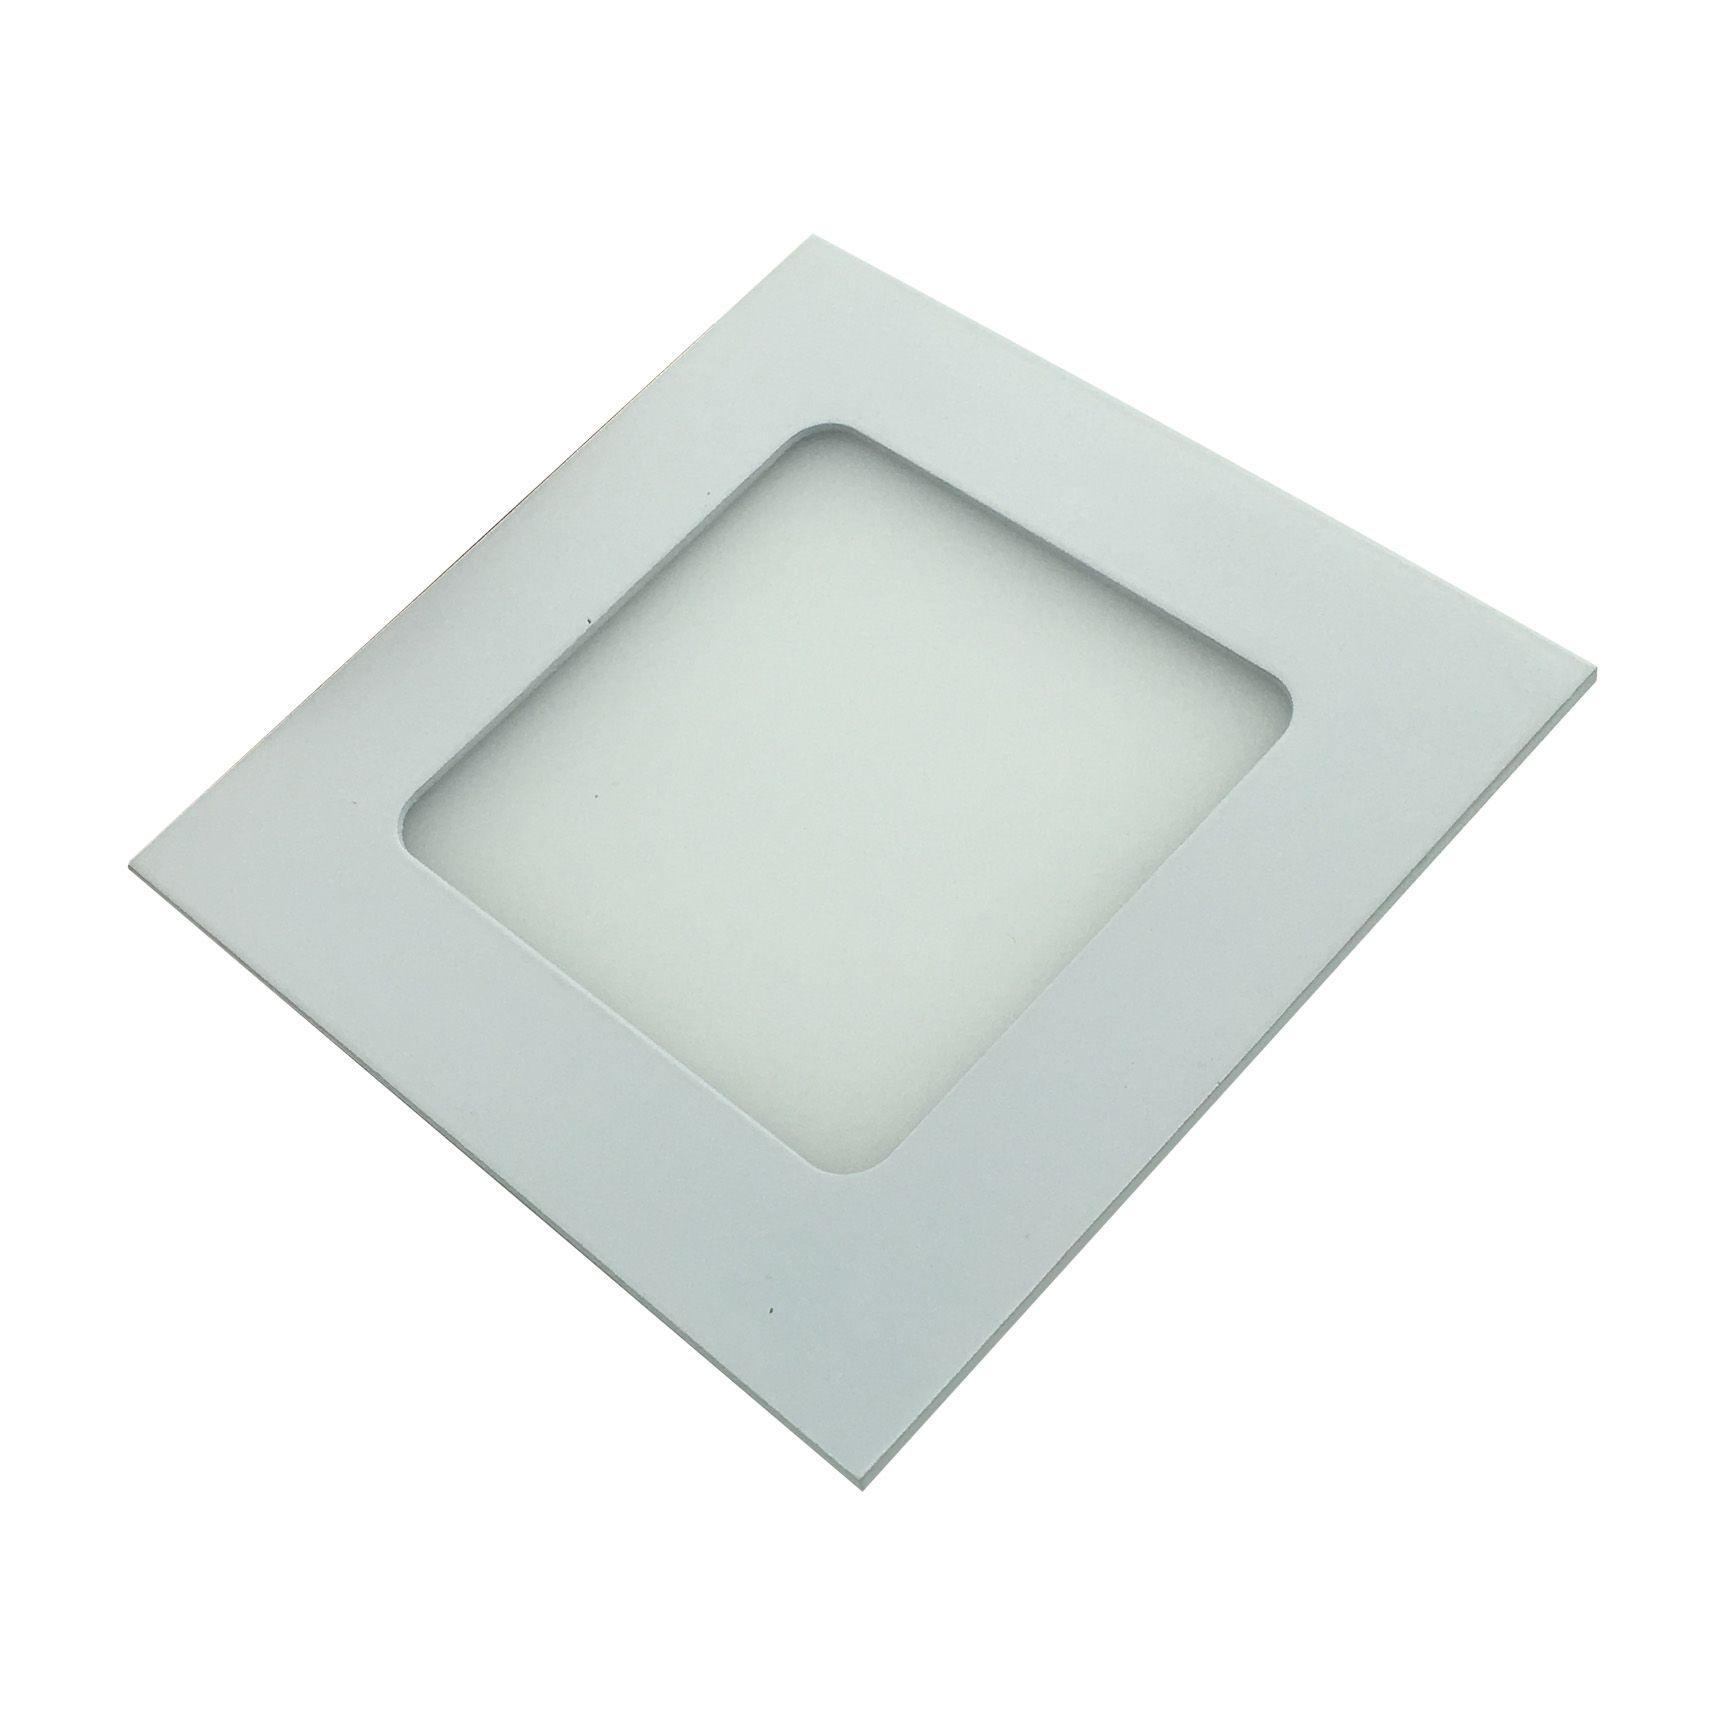 Painel de LED Embutir Quadrado 4000K - 6W (Bivolt)